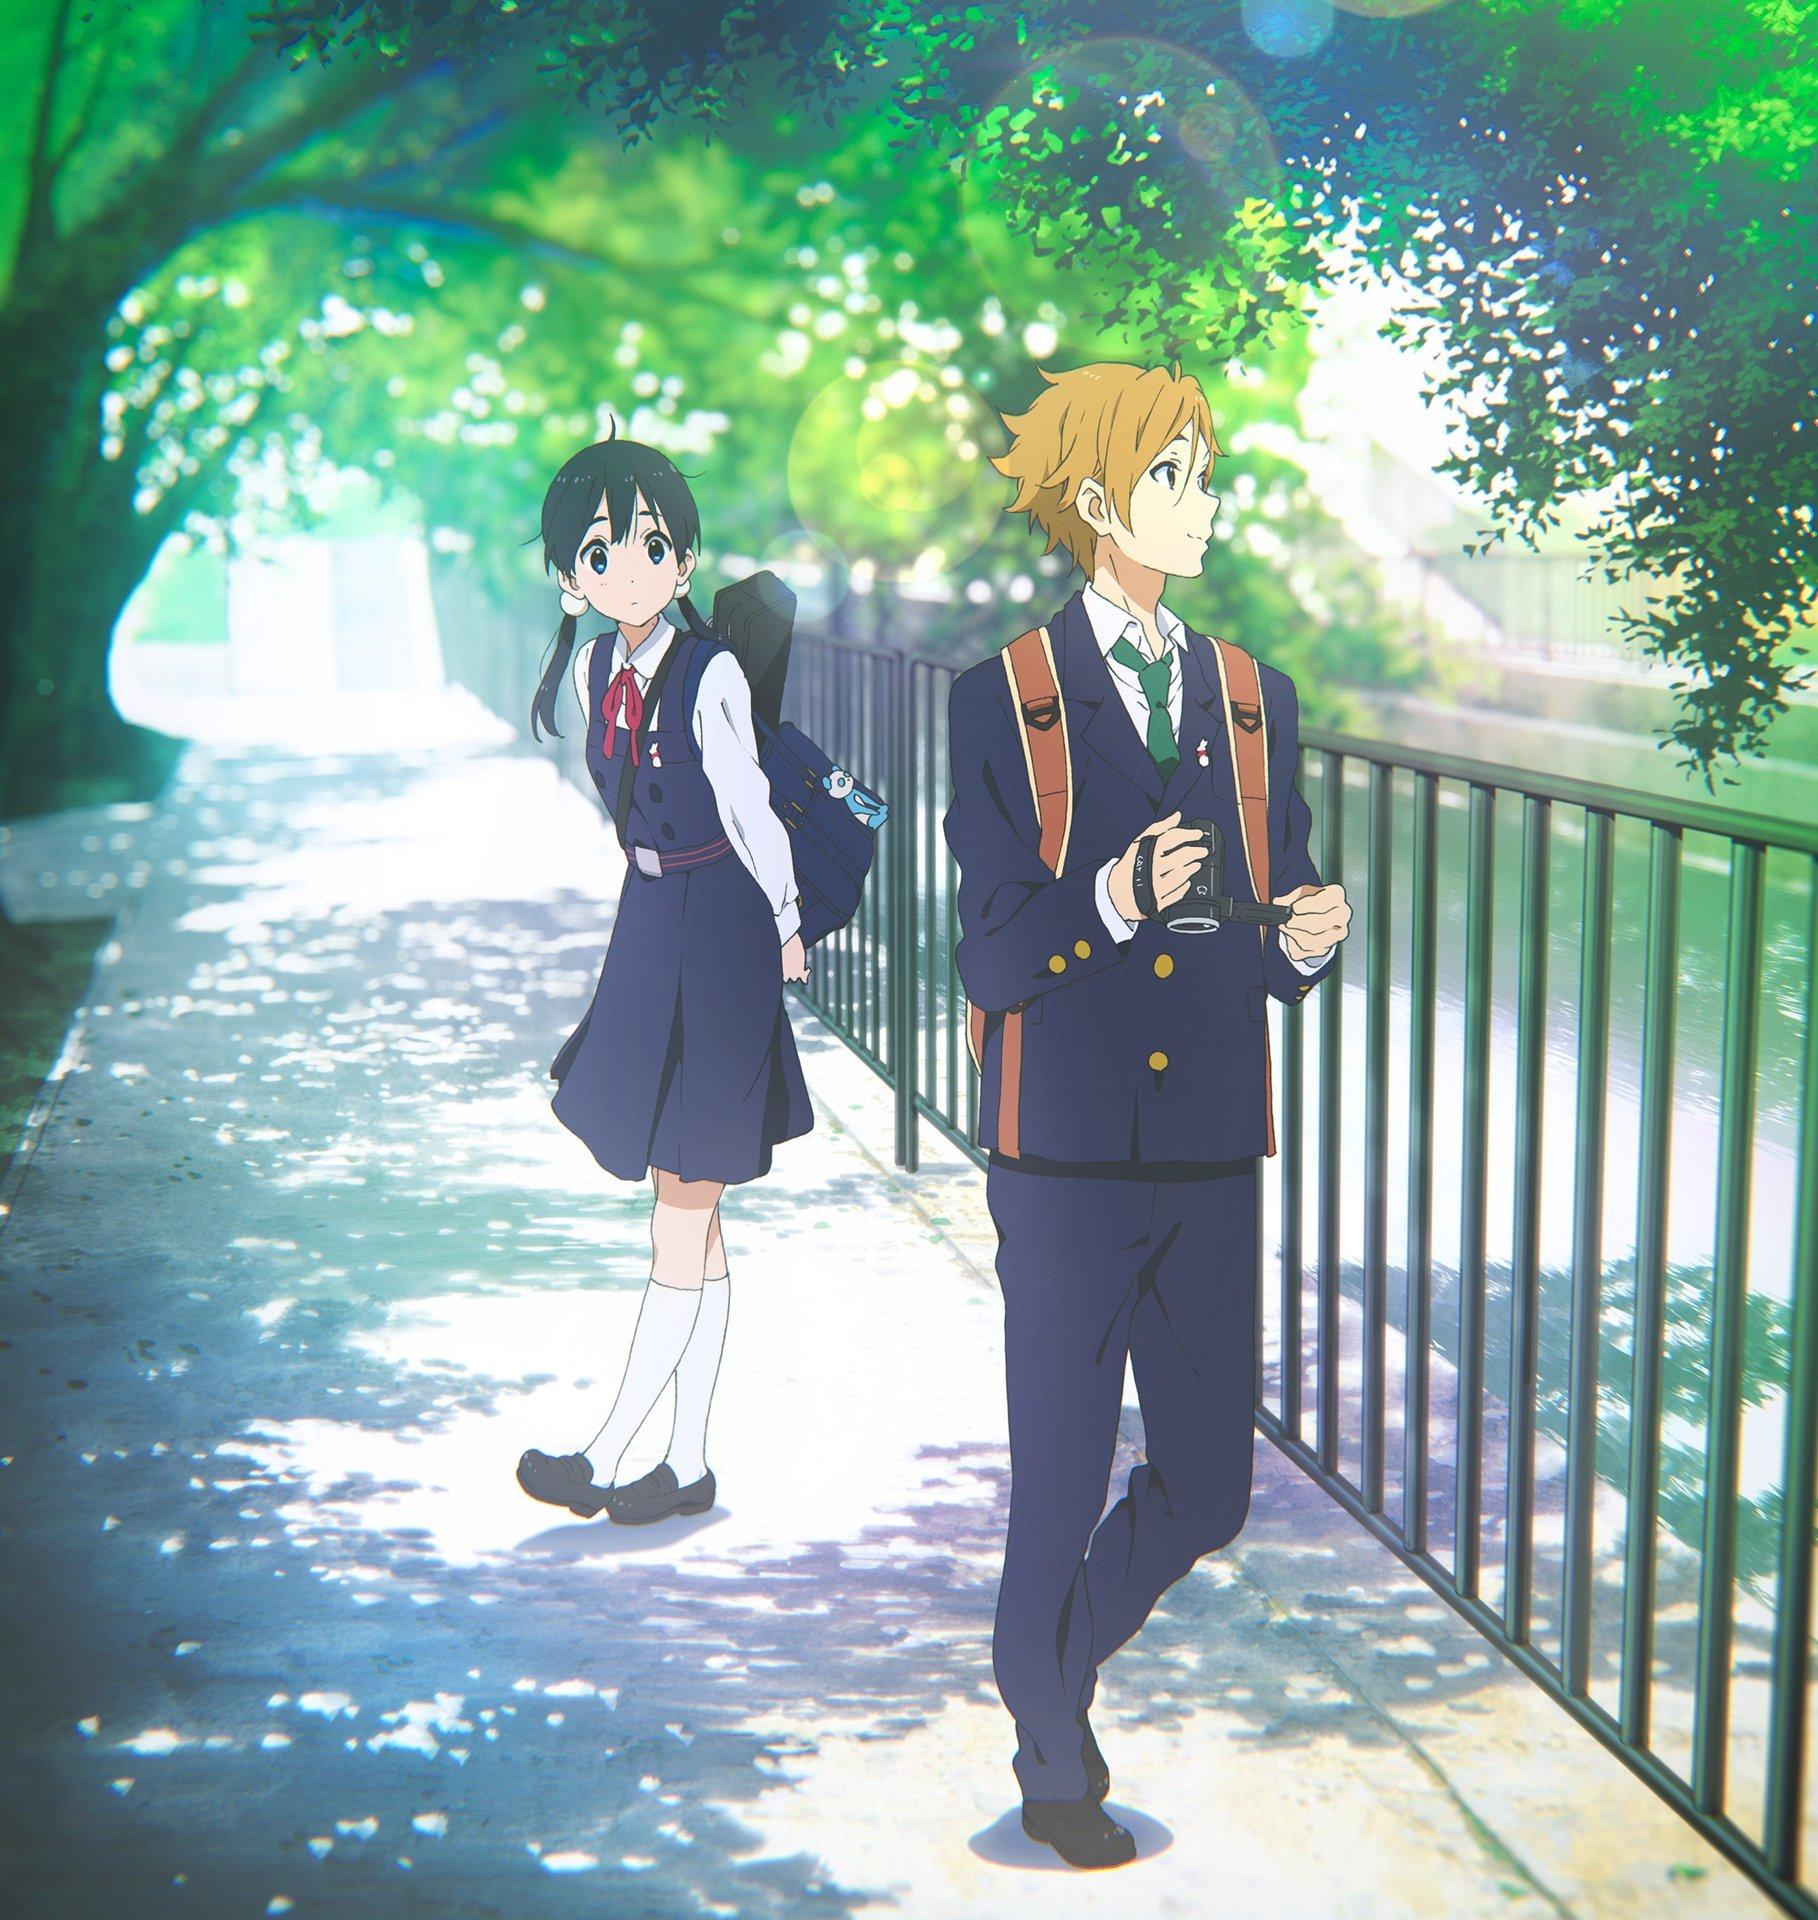 История любви Тамако, кадр № 1